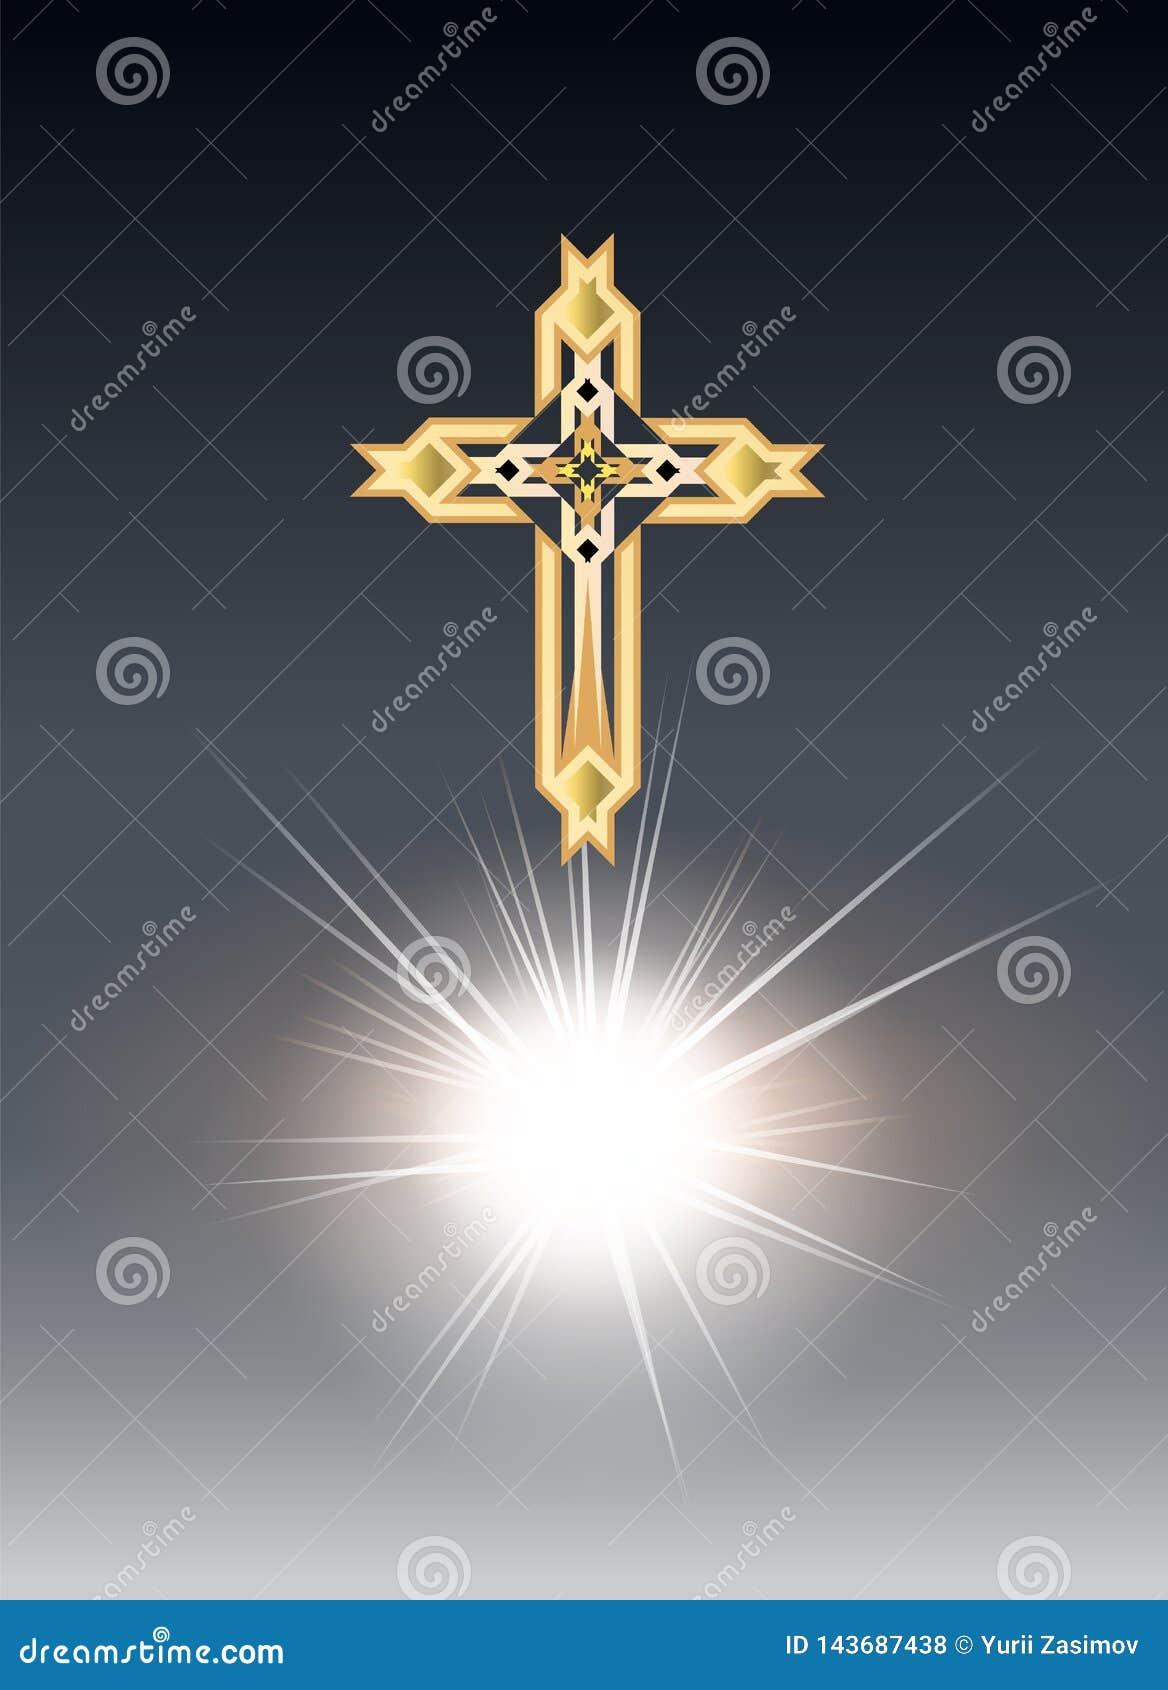 Crosse золота Religioush с предпосылкой лучей солнца прозрачной